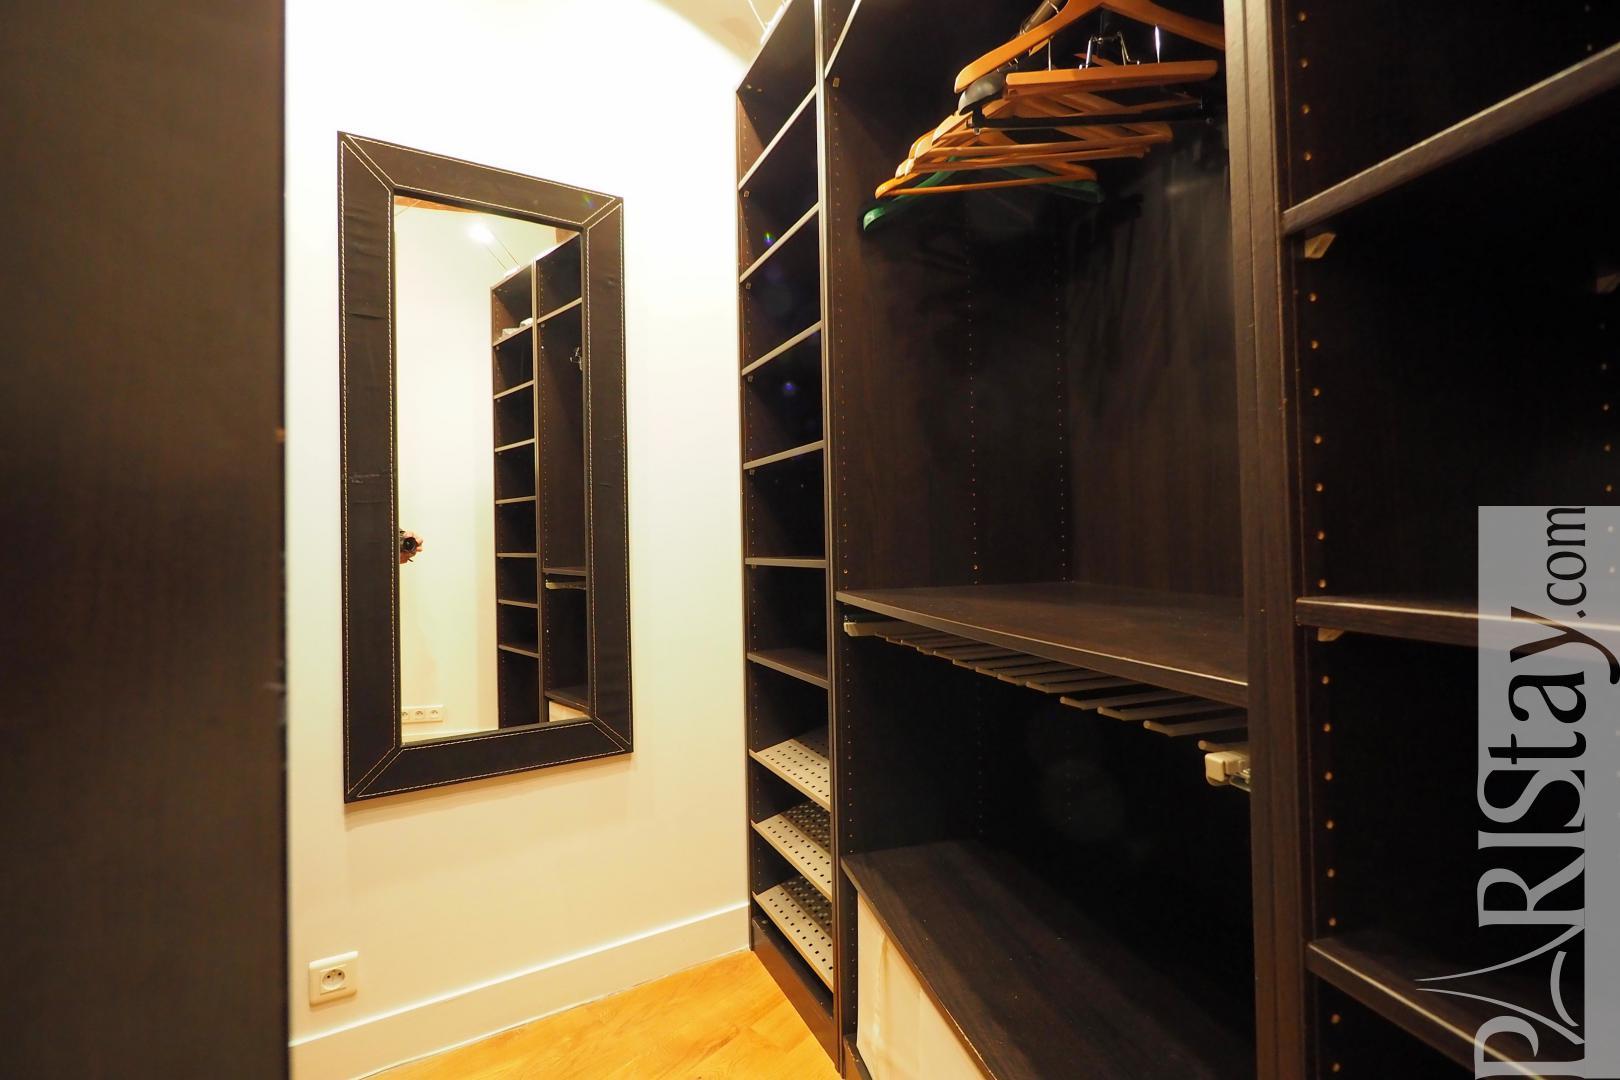 Location appartement paris 2 chambres t3 meuble - Location appartement paris 2 chambres ...